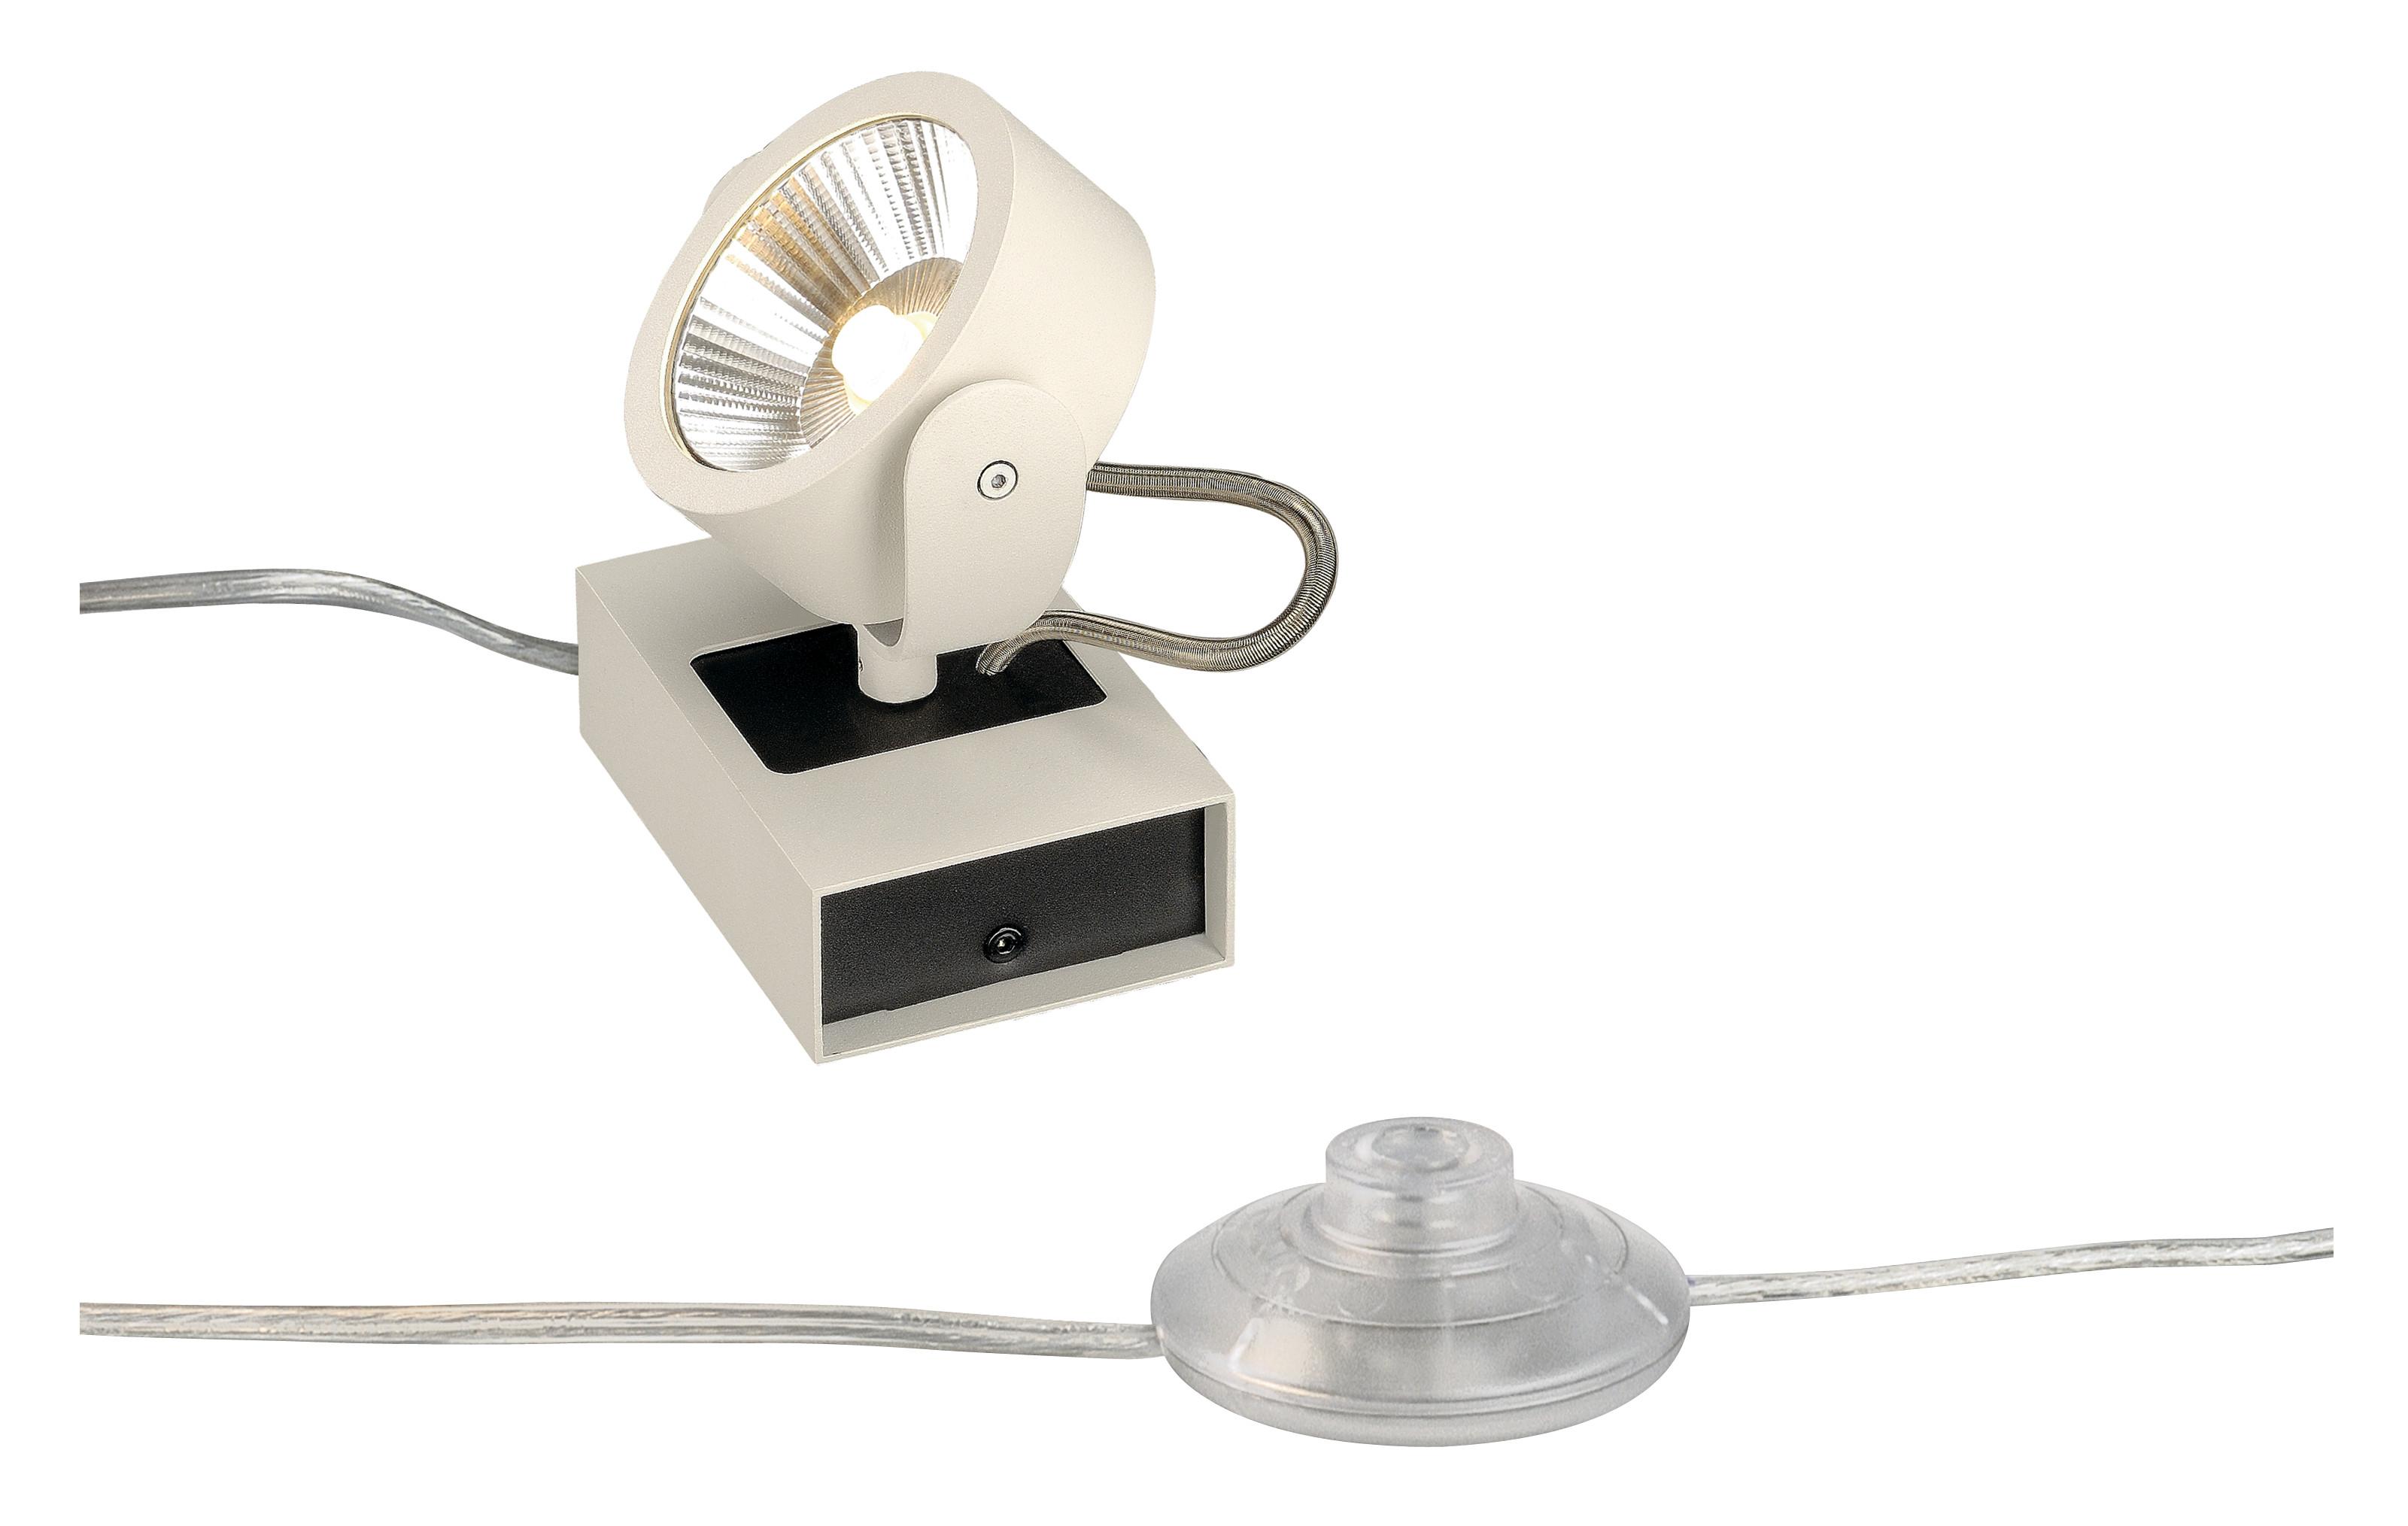 1 Stk KALU LED 1 FLOOR Bodenleuchte, weiß/schwarz, 3000K, 24°  LI1000124-